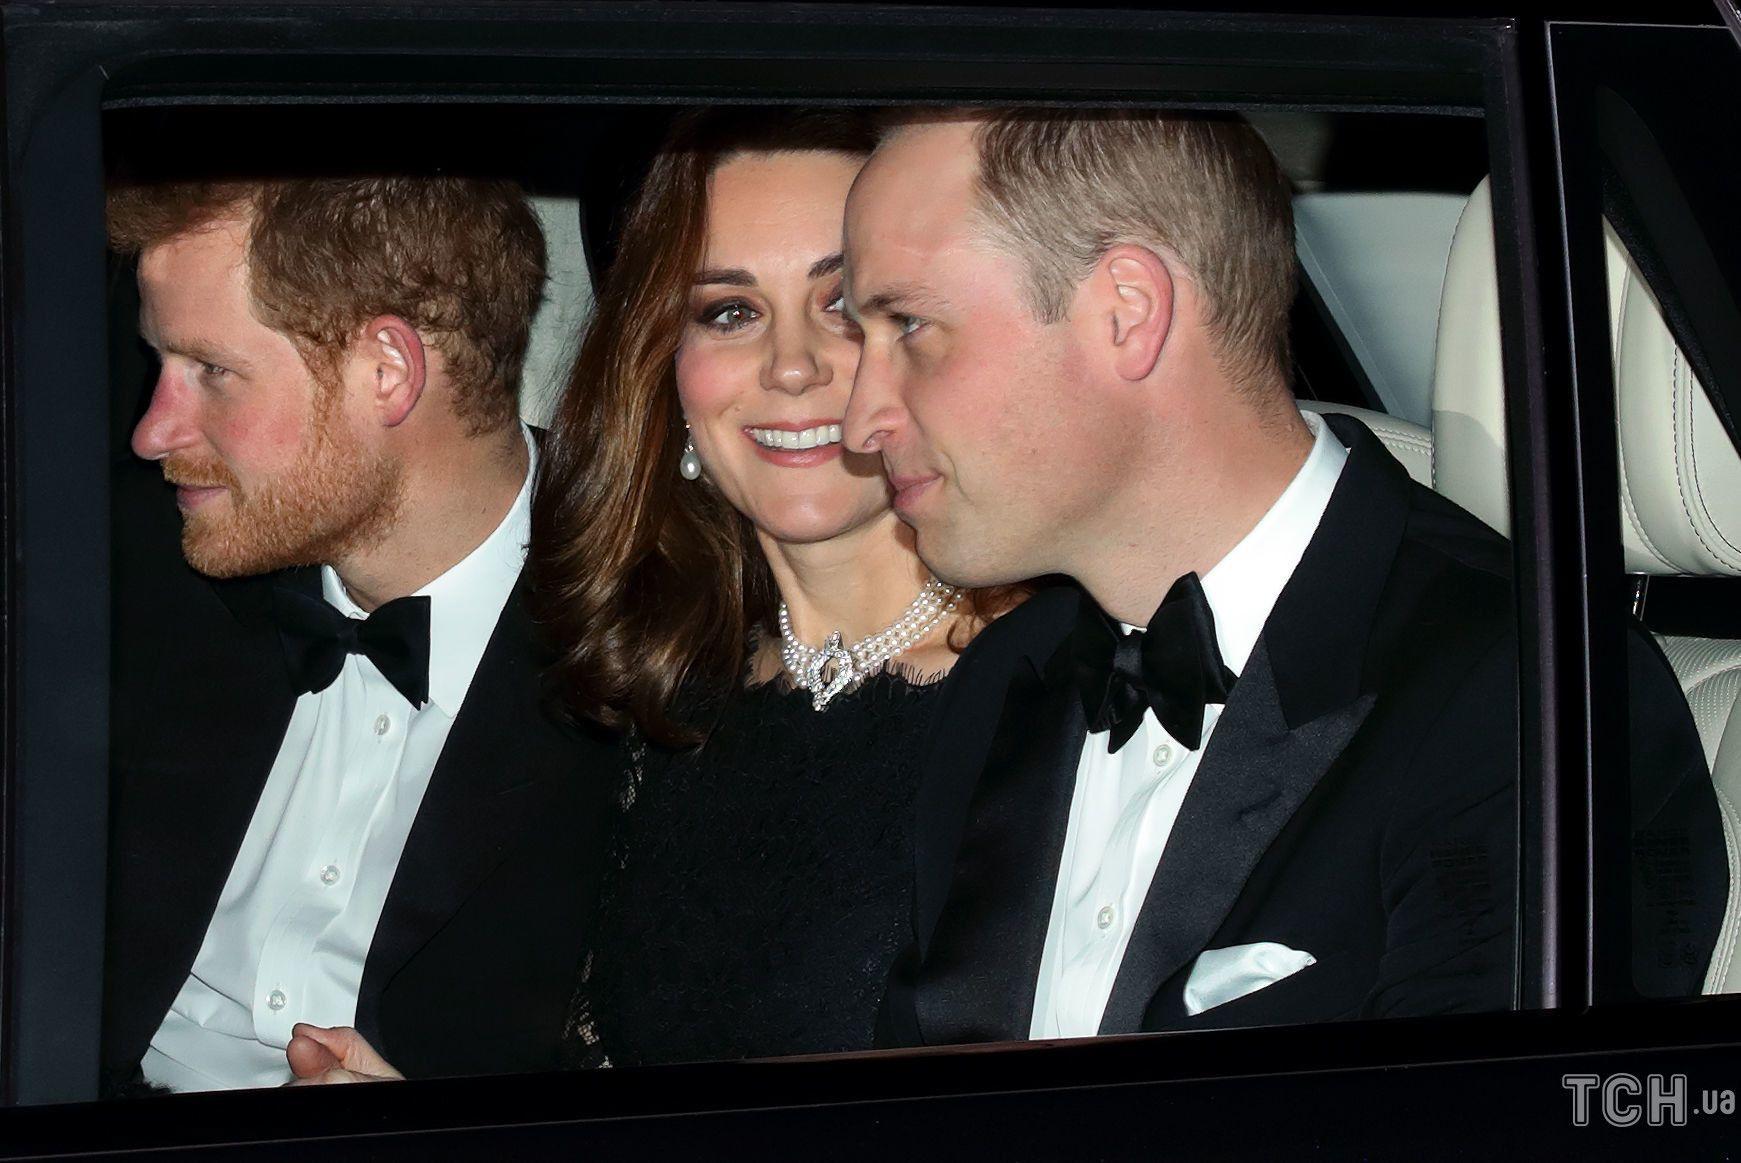 Принц Гарри, Кэтрин, герцогиня Кембриджская и принц Уильям, герцог Кембриджский